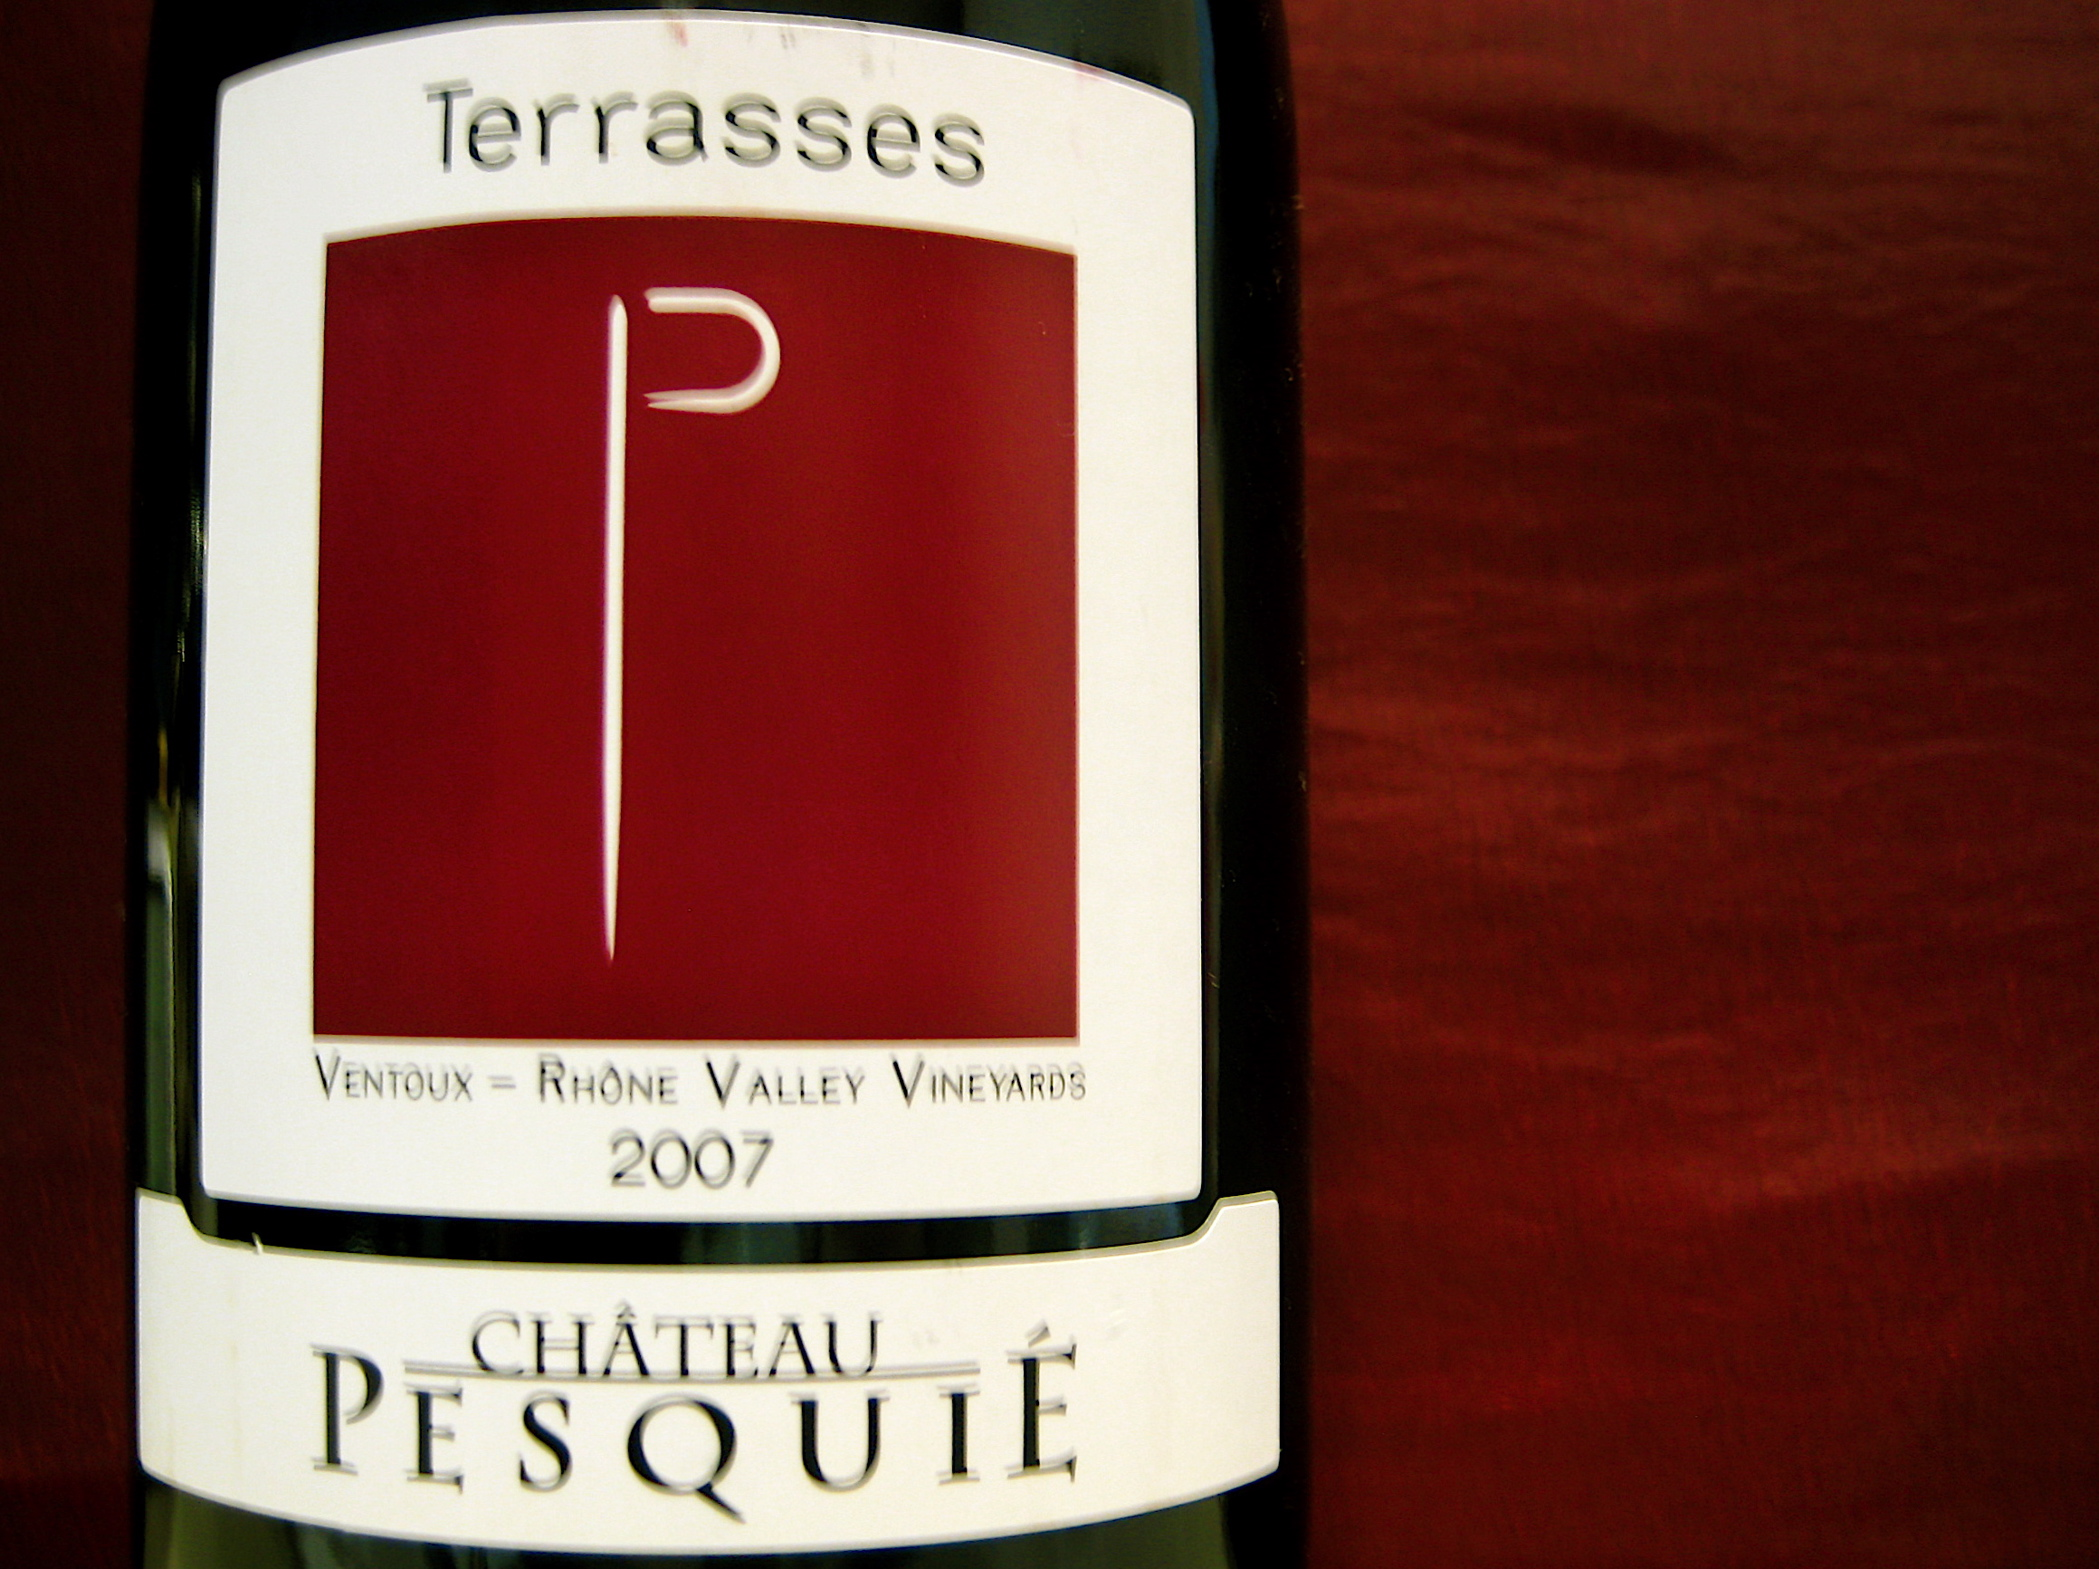 Château Pesquié Côtes Du Ventoux Terrasses 2007